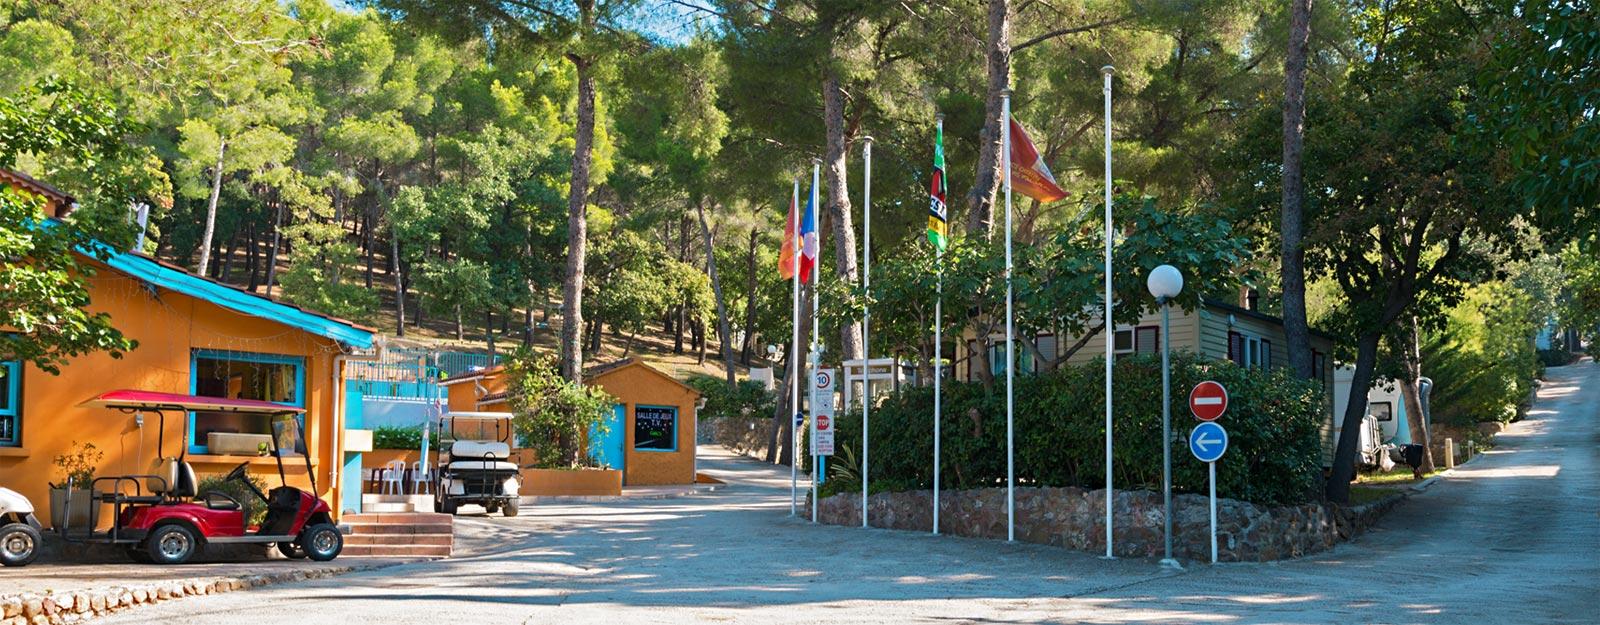 Quels sont les meilleurs campings à Cassis ?